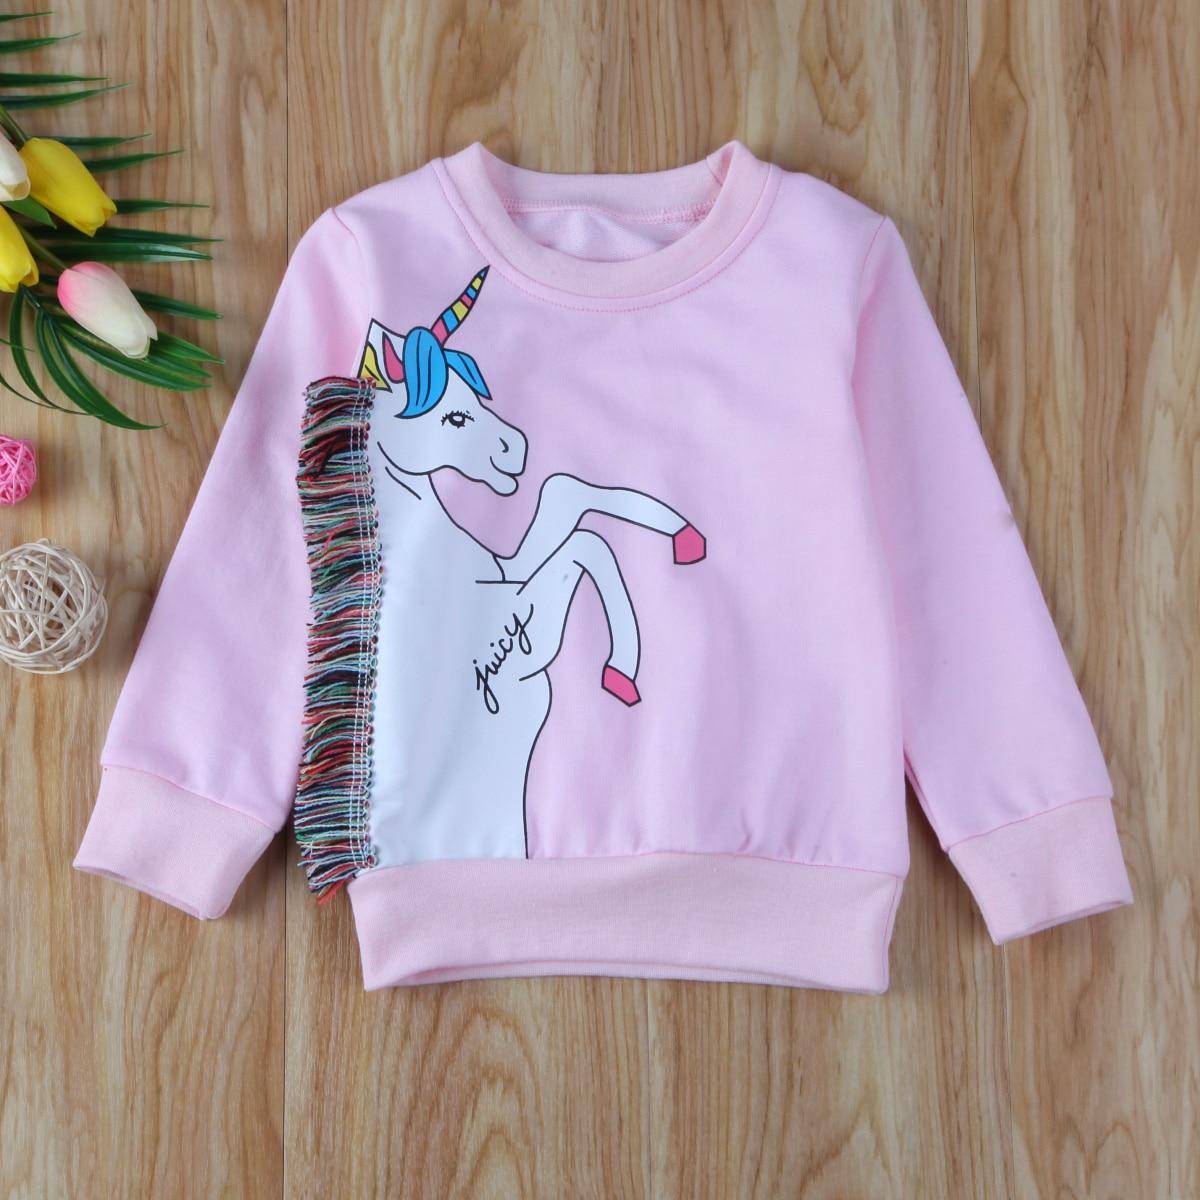 100% Wahr Einhorn Kinder Baby Mädchen Jumper Sweatshirt Pullover Kleinkind T-shirt Langarm Baumwolle Tops Kleidung